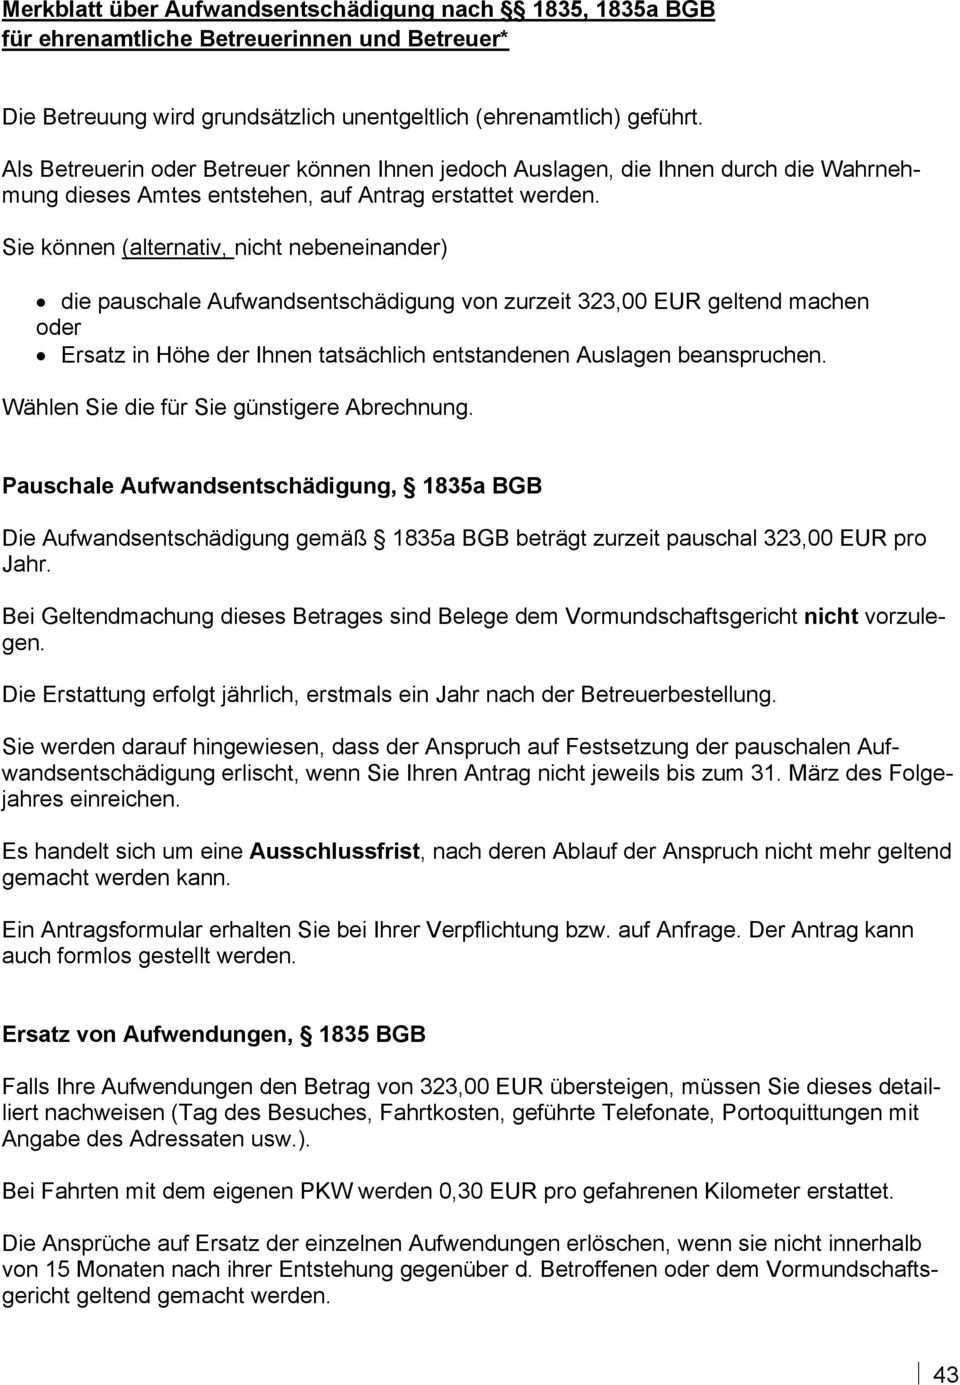 Anhang Musterschreiben Und Merkblatter Pdf Kostenfreier Download